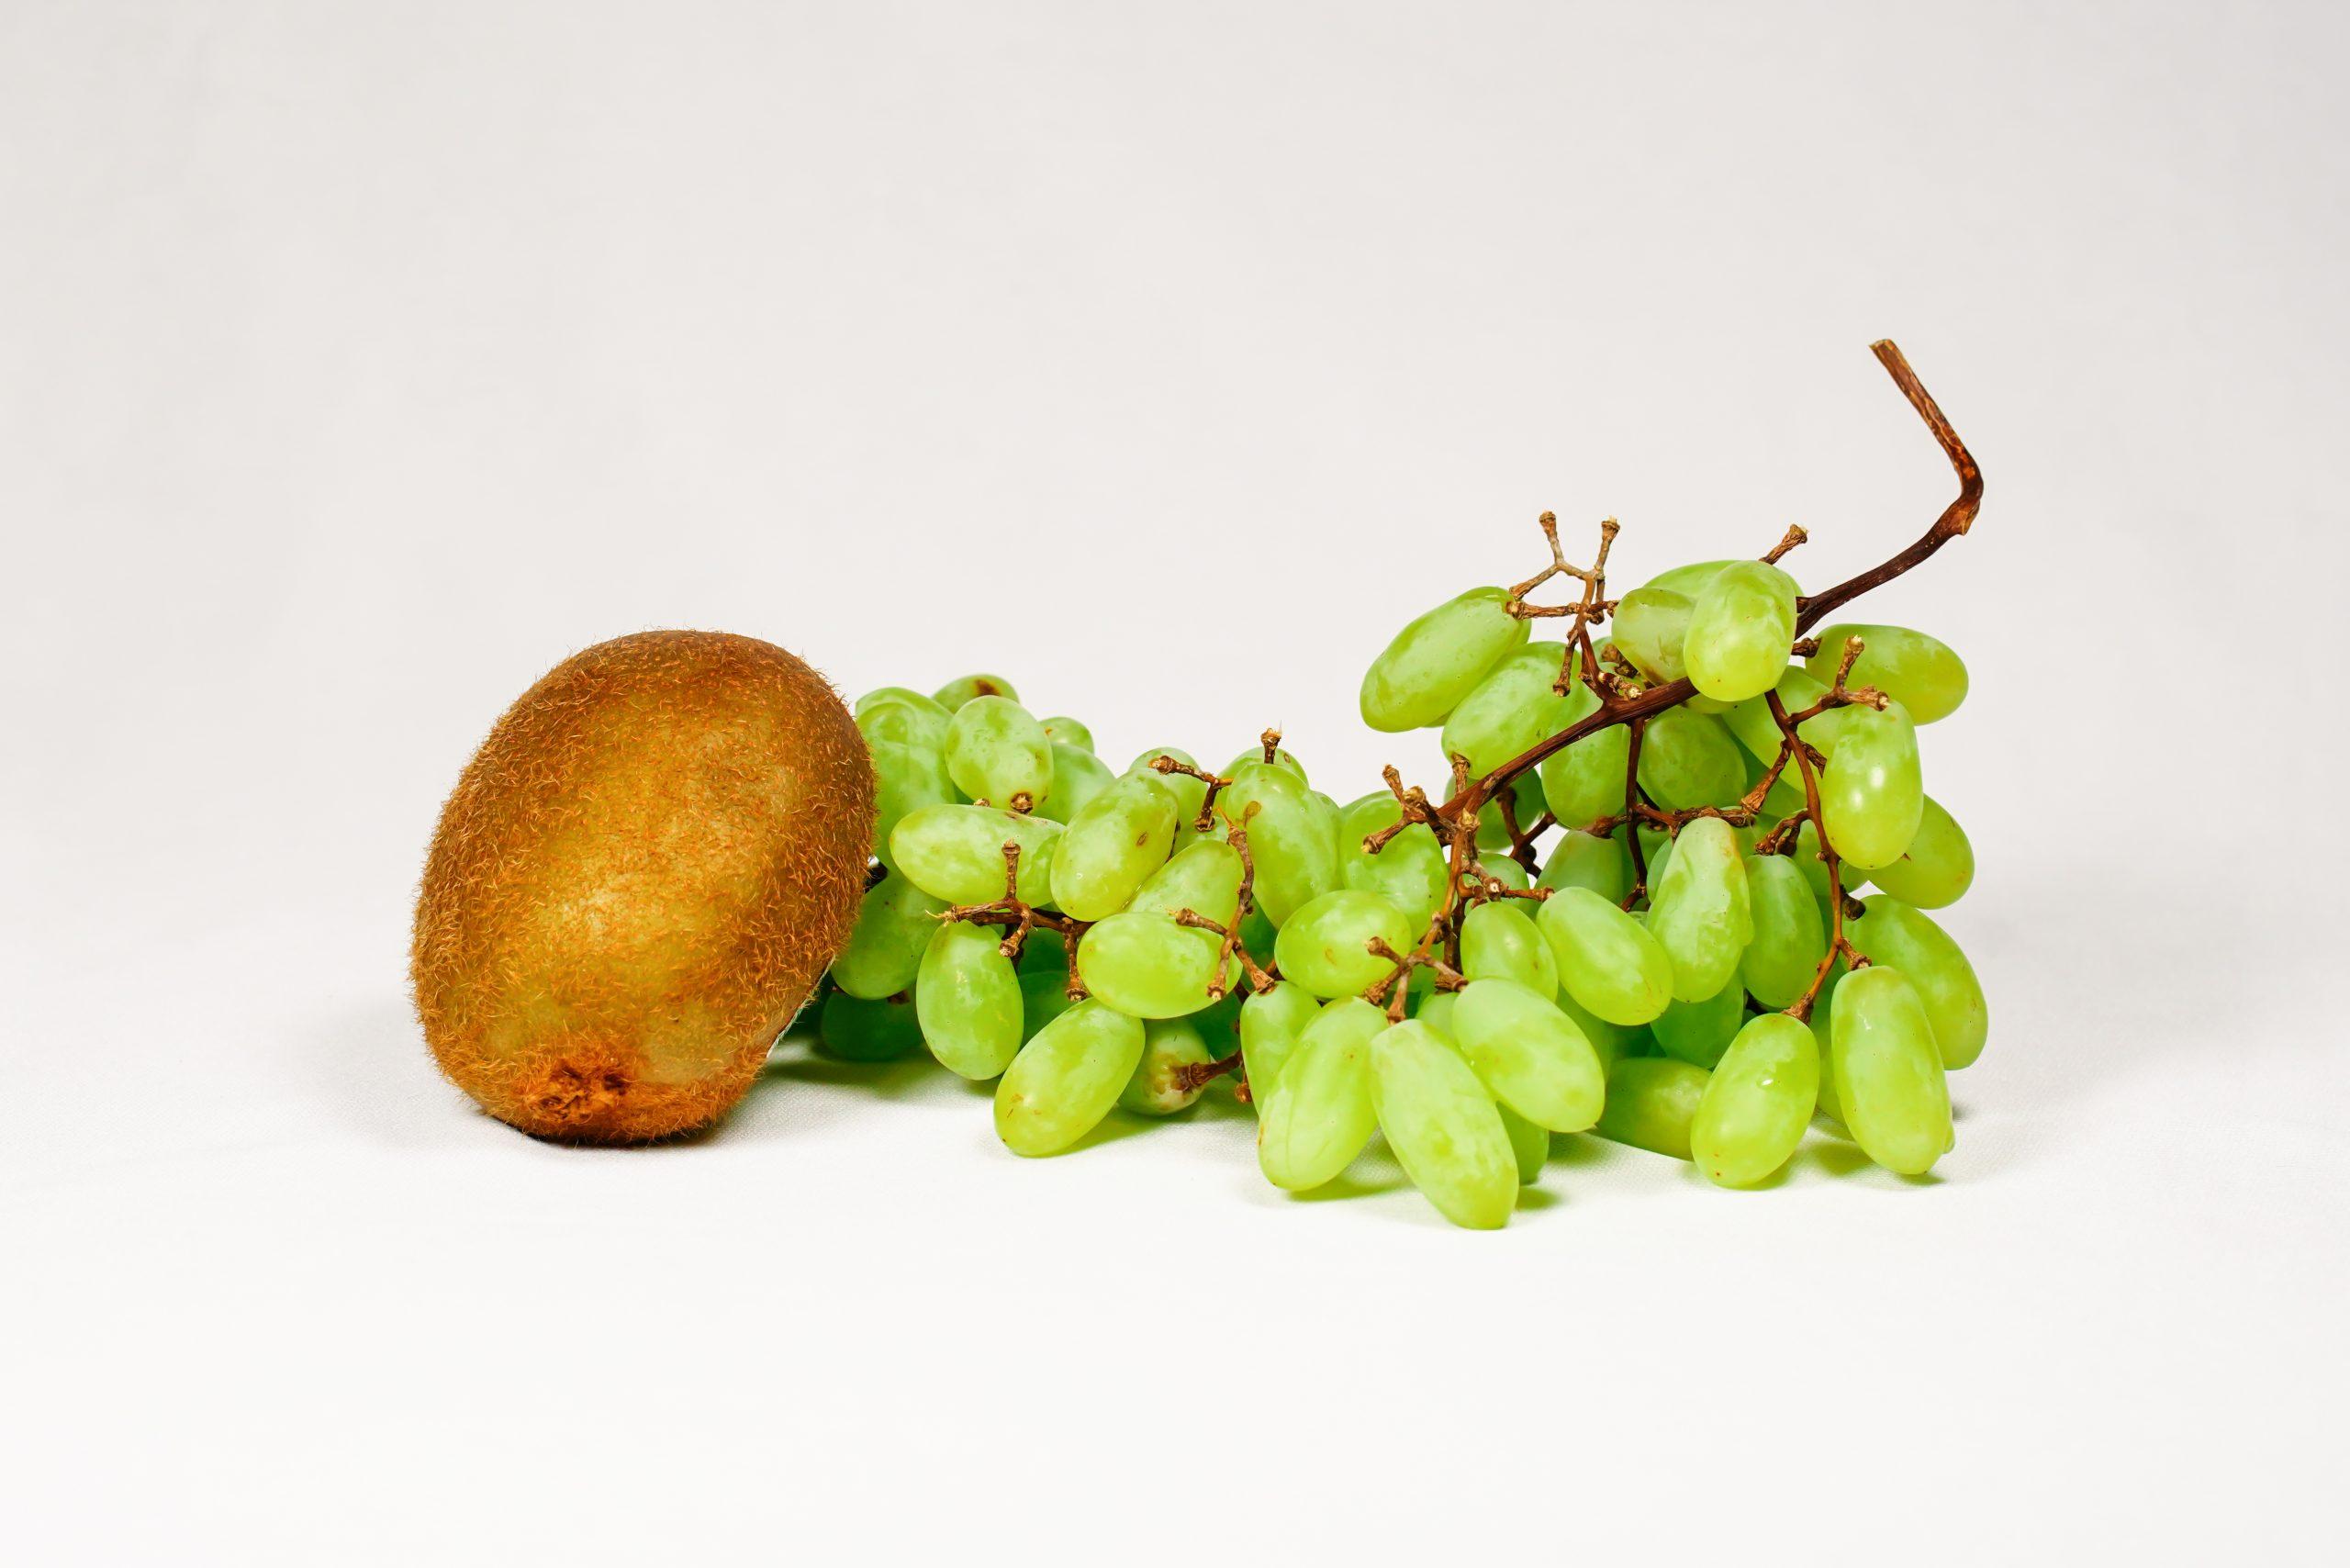 Grapes and kiwi fruits